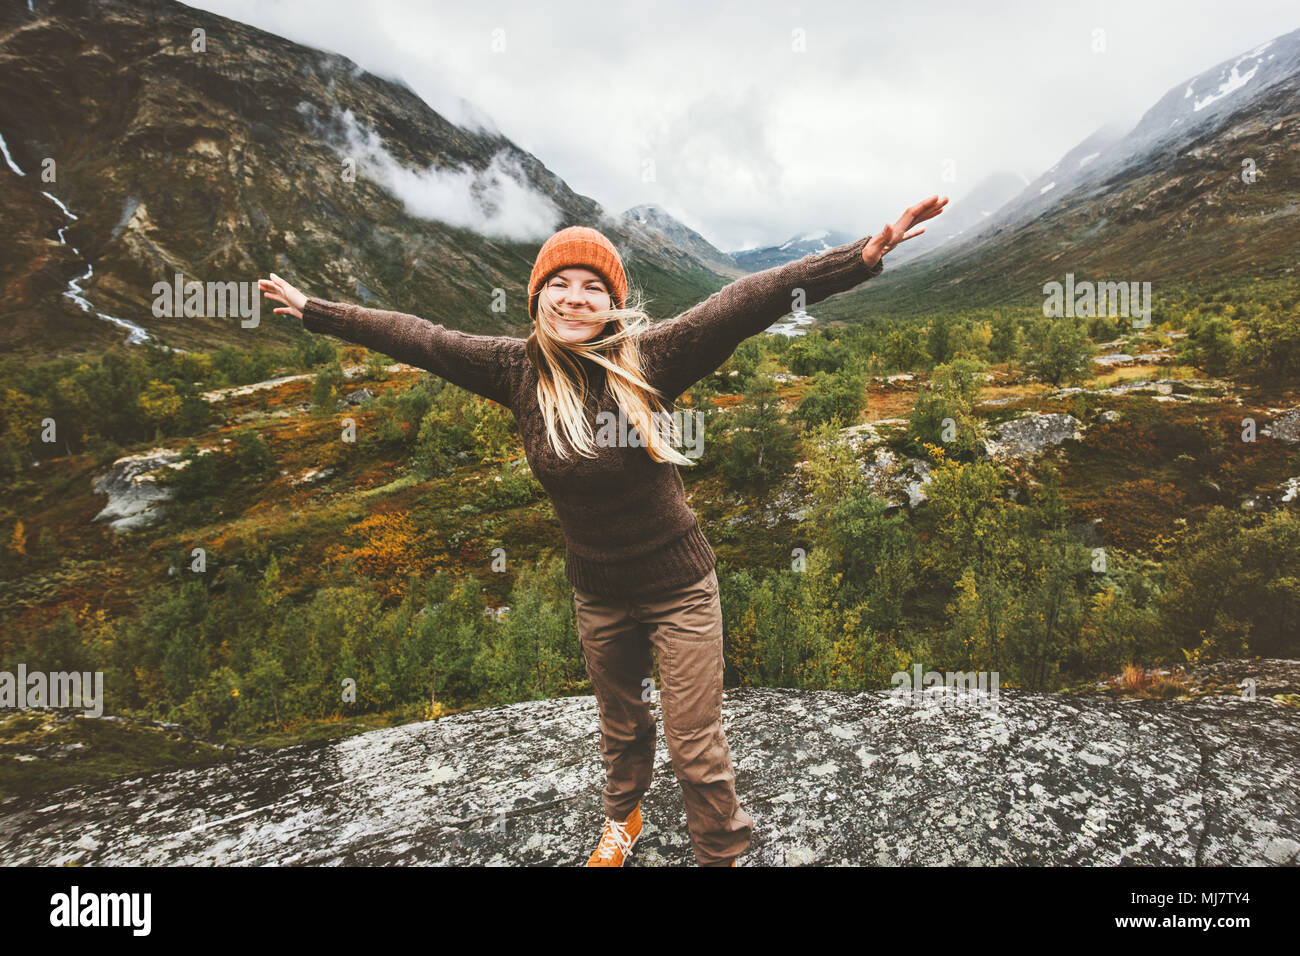 Donna felice alzare le mani a piedi nella foresta montagne godendo di vista avventura di viaggio il concetto di stile di vita attivo vacanze in Norvegia Immagini Stock